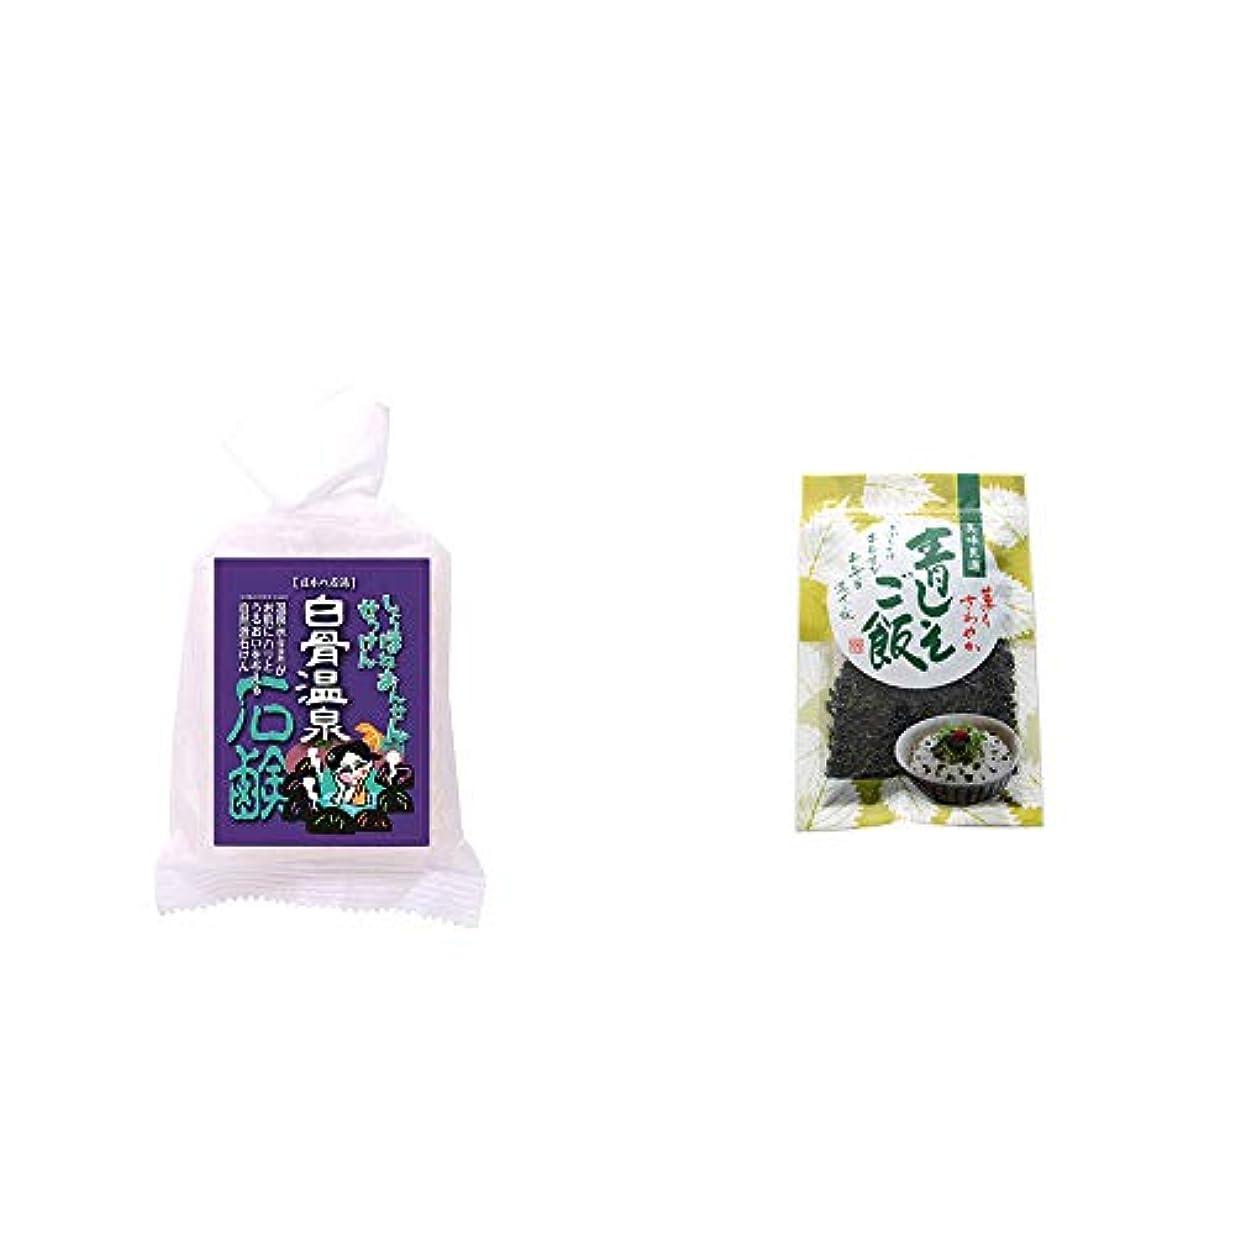 混合した鈍いメロディー[2点セット] 信州 白骨温泉石鹸(80g)?薫りさわやか 青しそご飯(80g)